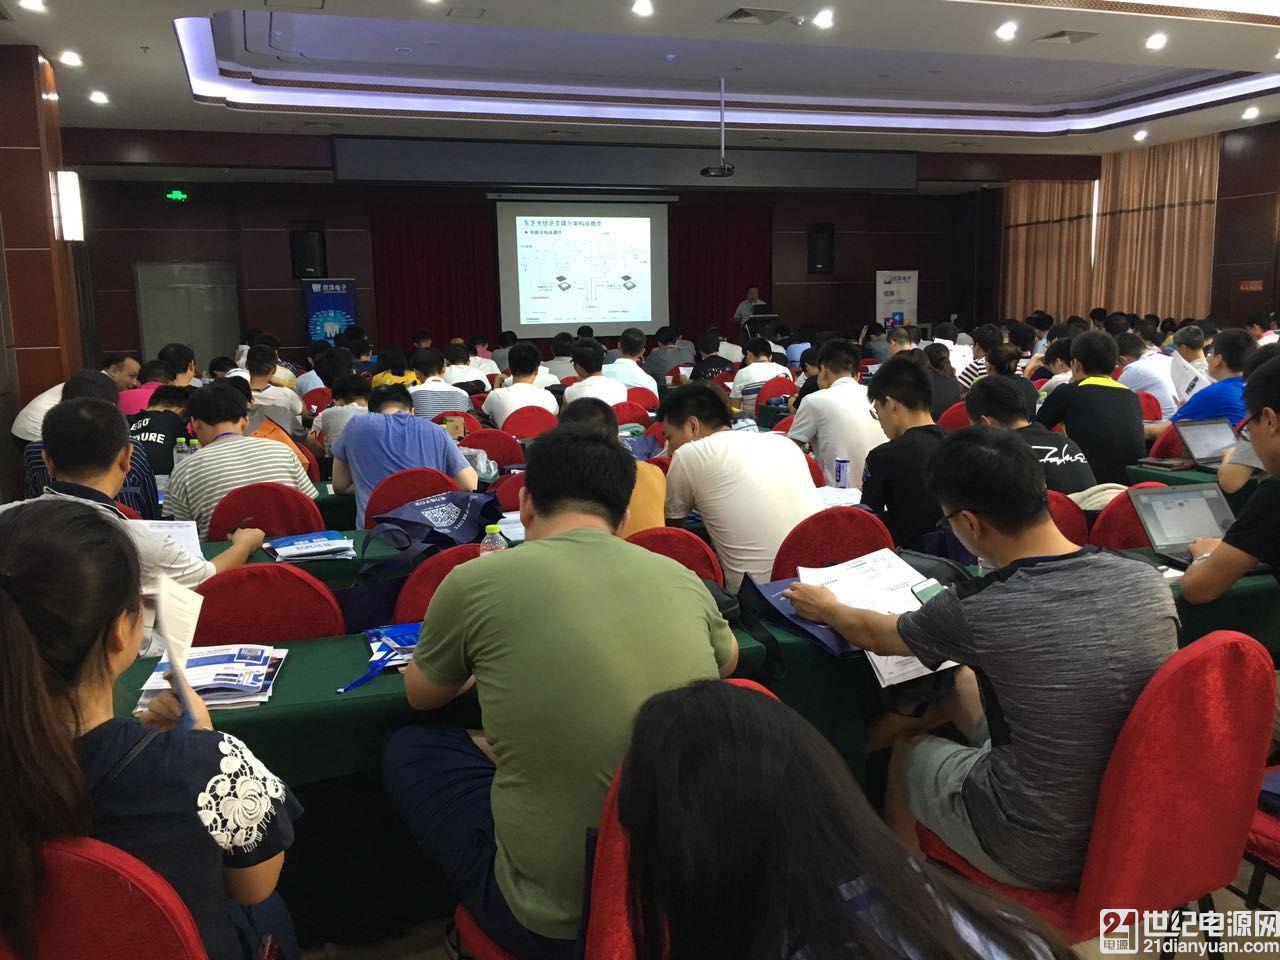 http://cdn12.21dianyuan.com/attachment/forum/201708/08/151129zgdbrhpbmdmmpgmp.jpg.thumb.jpg